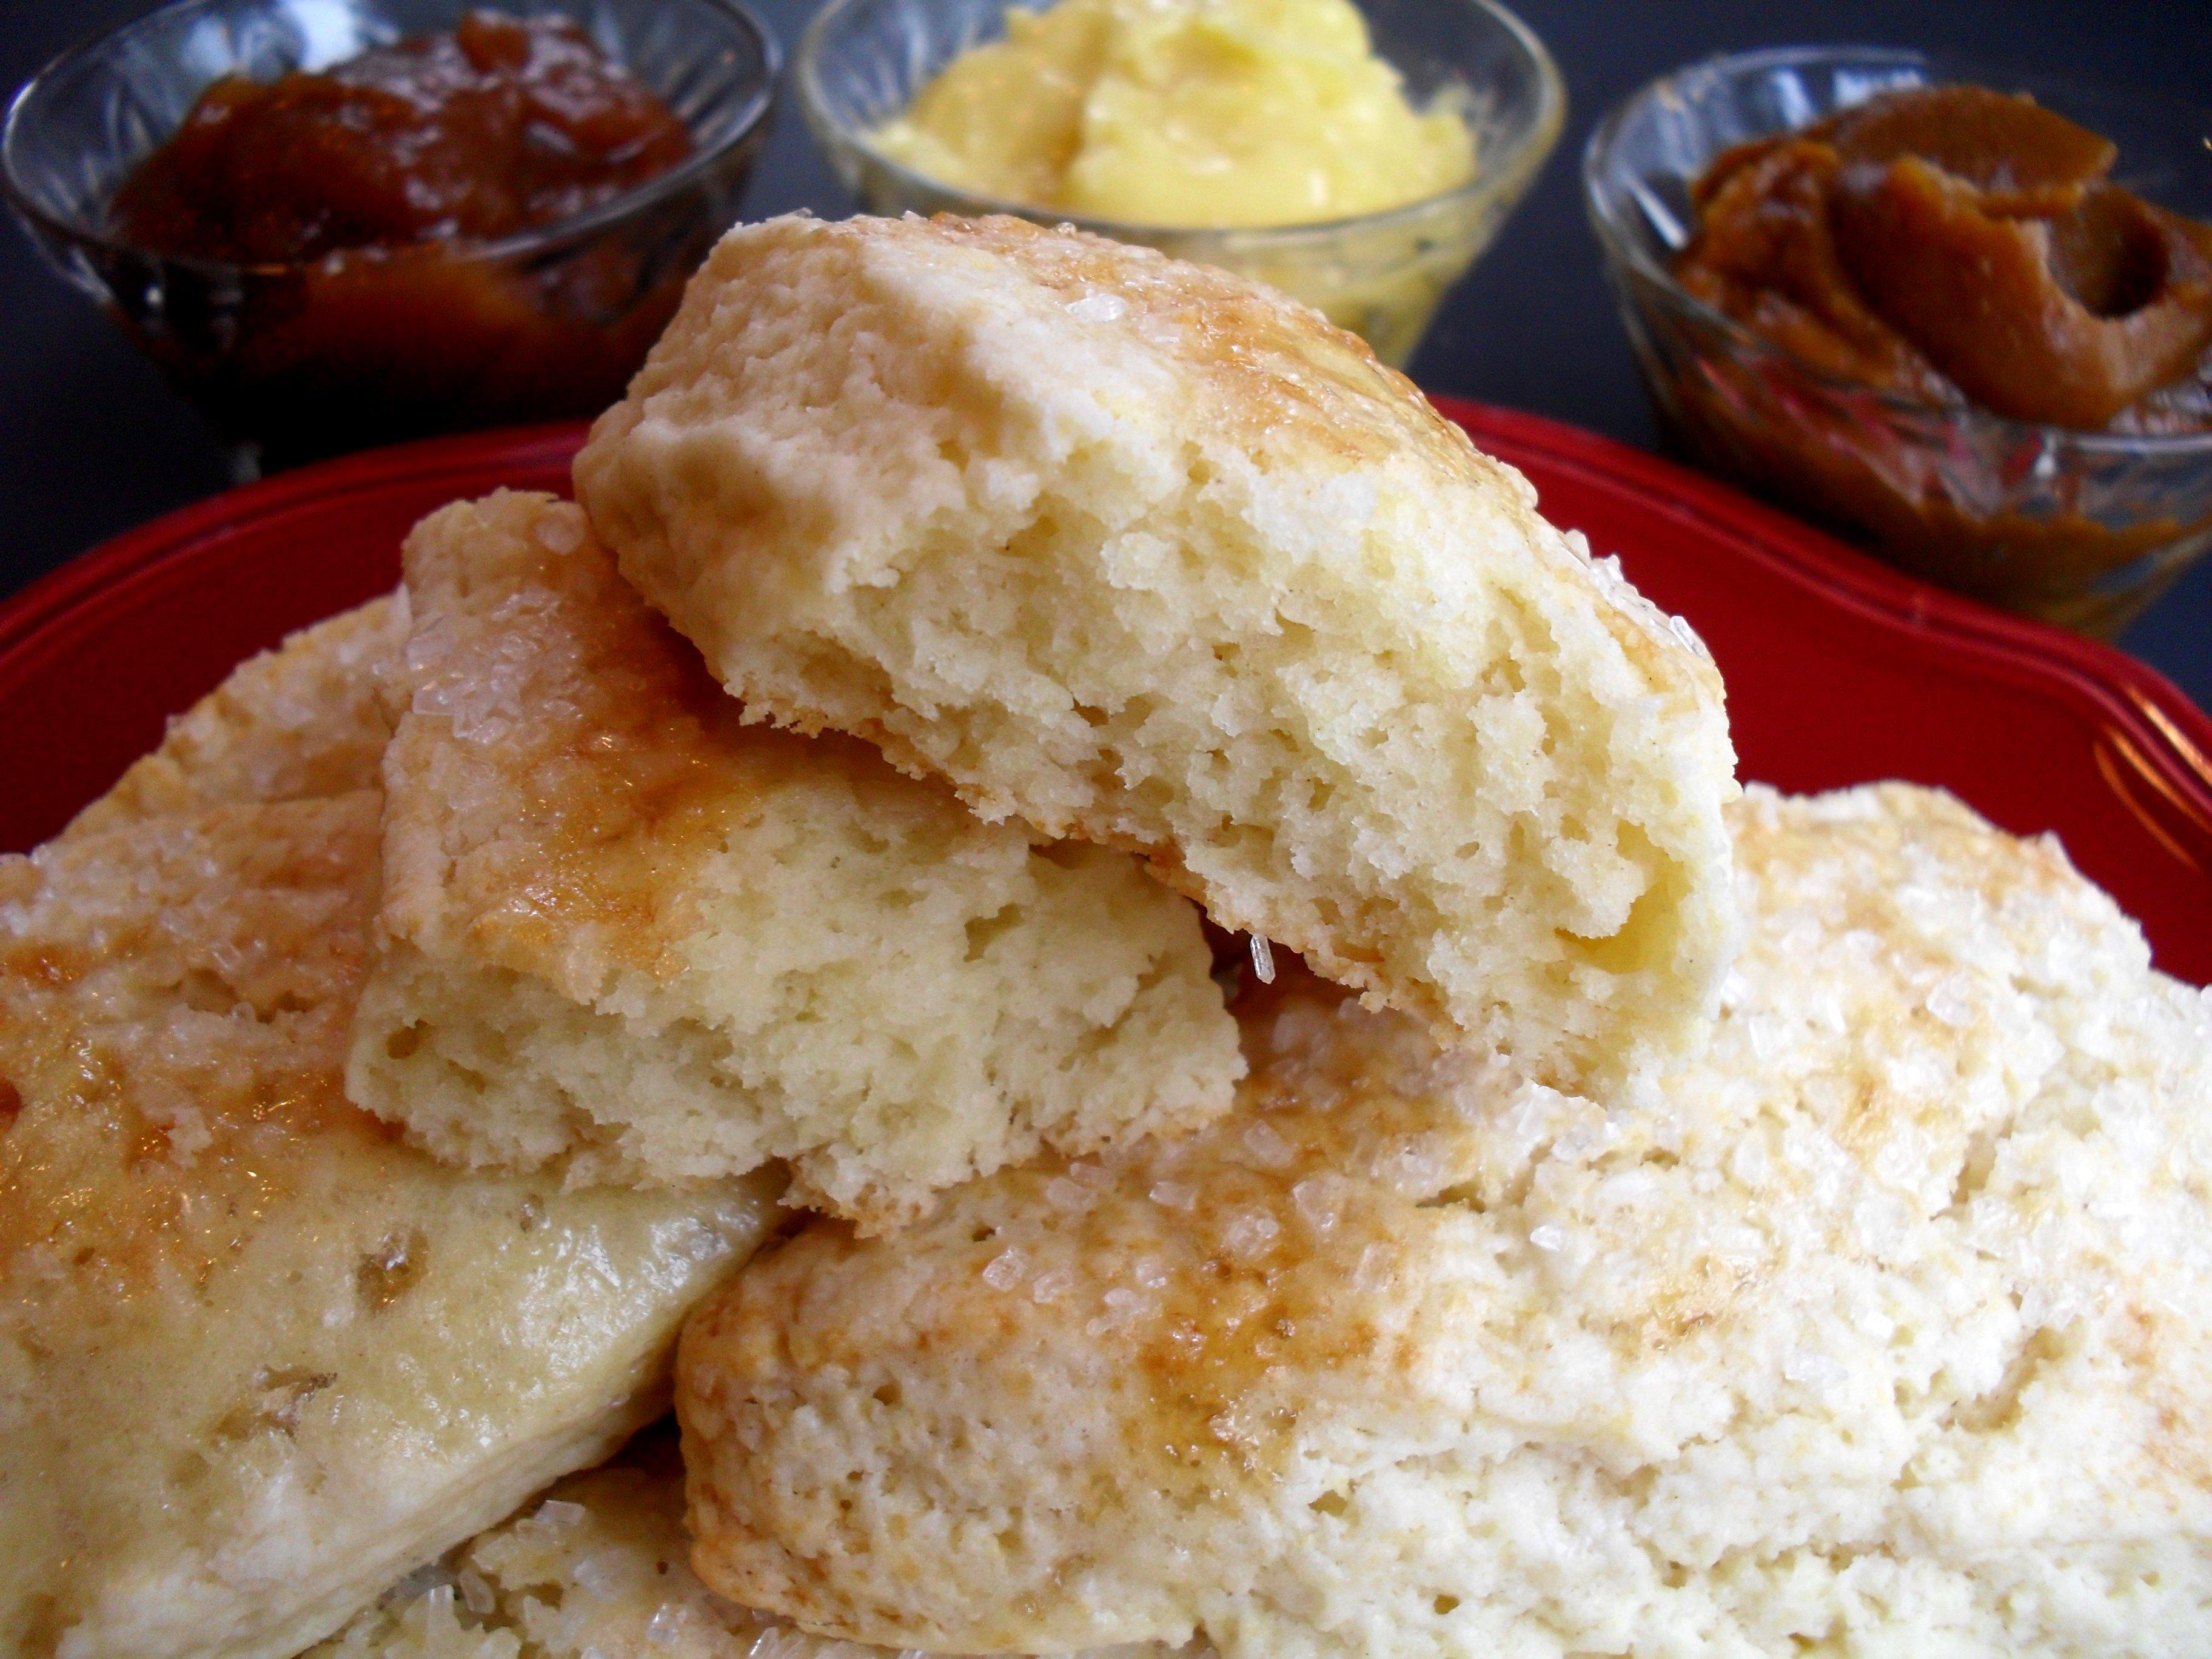 jam cream scones recipe photo by c kcline classic cream scones scones ...